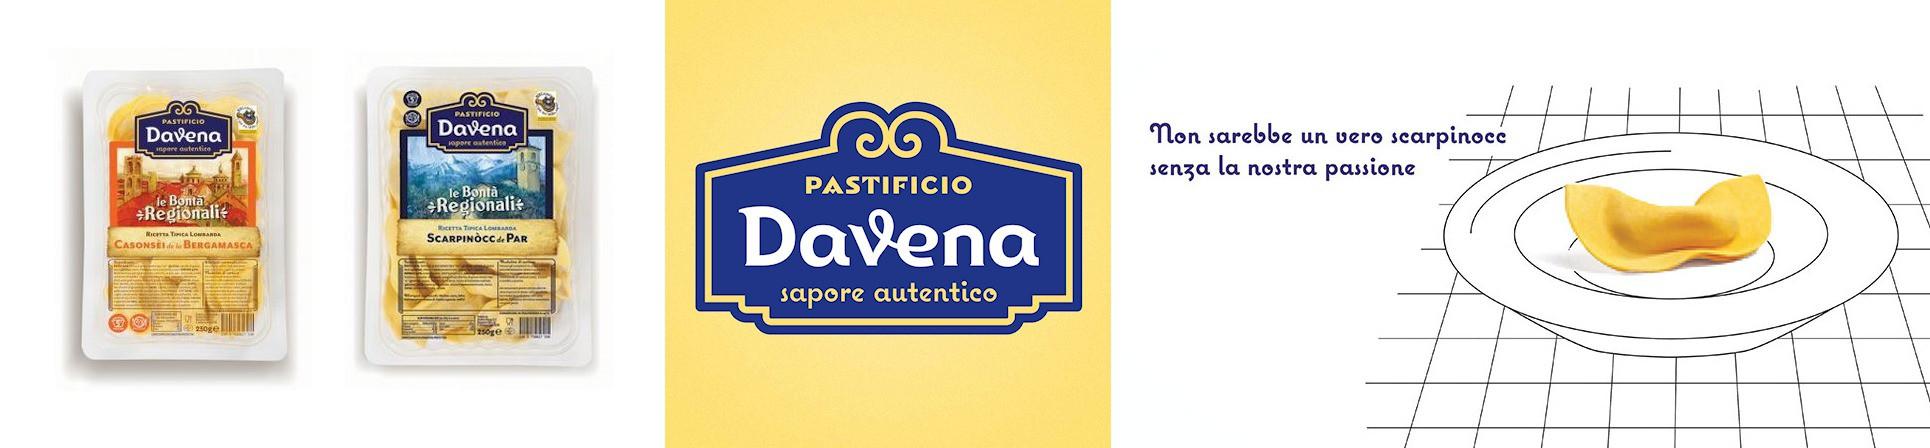 Pasta fresca lombarda tipica regionale, casonsei e scarpinoc vendita online - PASTIFICIO DAVENA